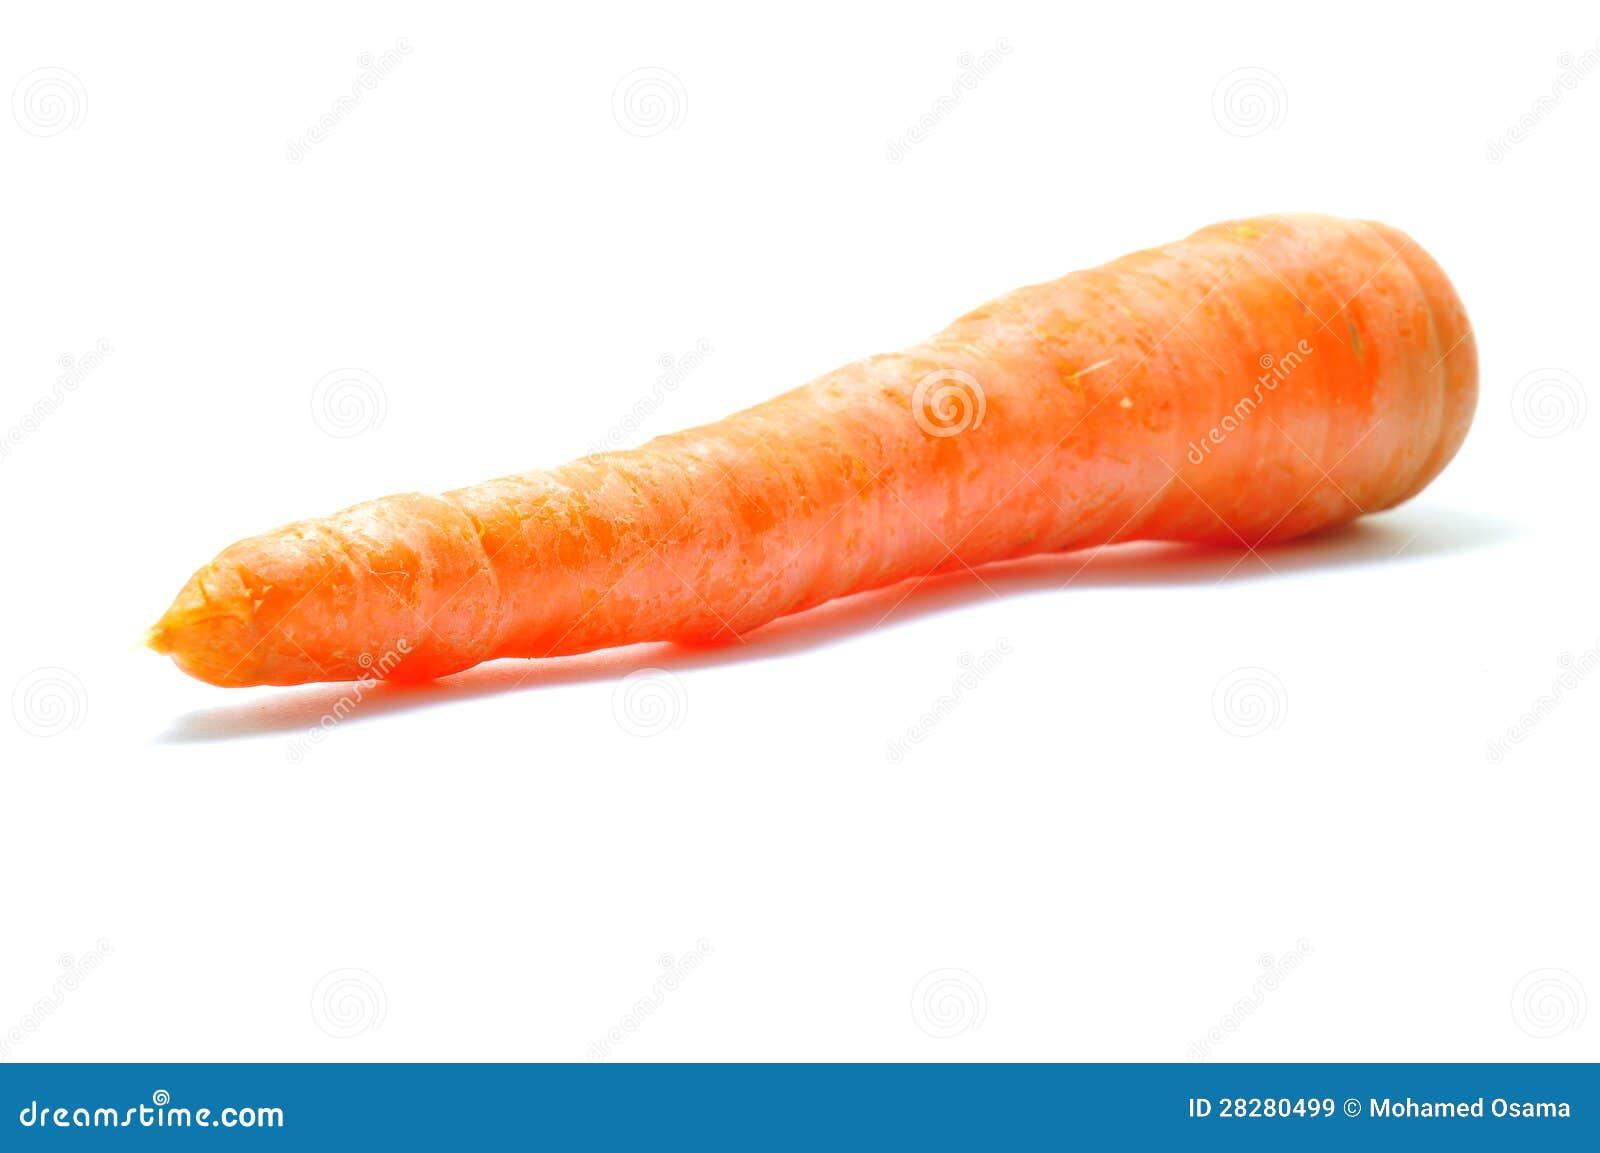 一棵红萝卜